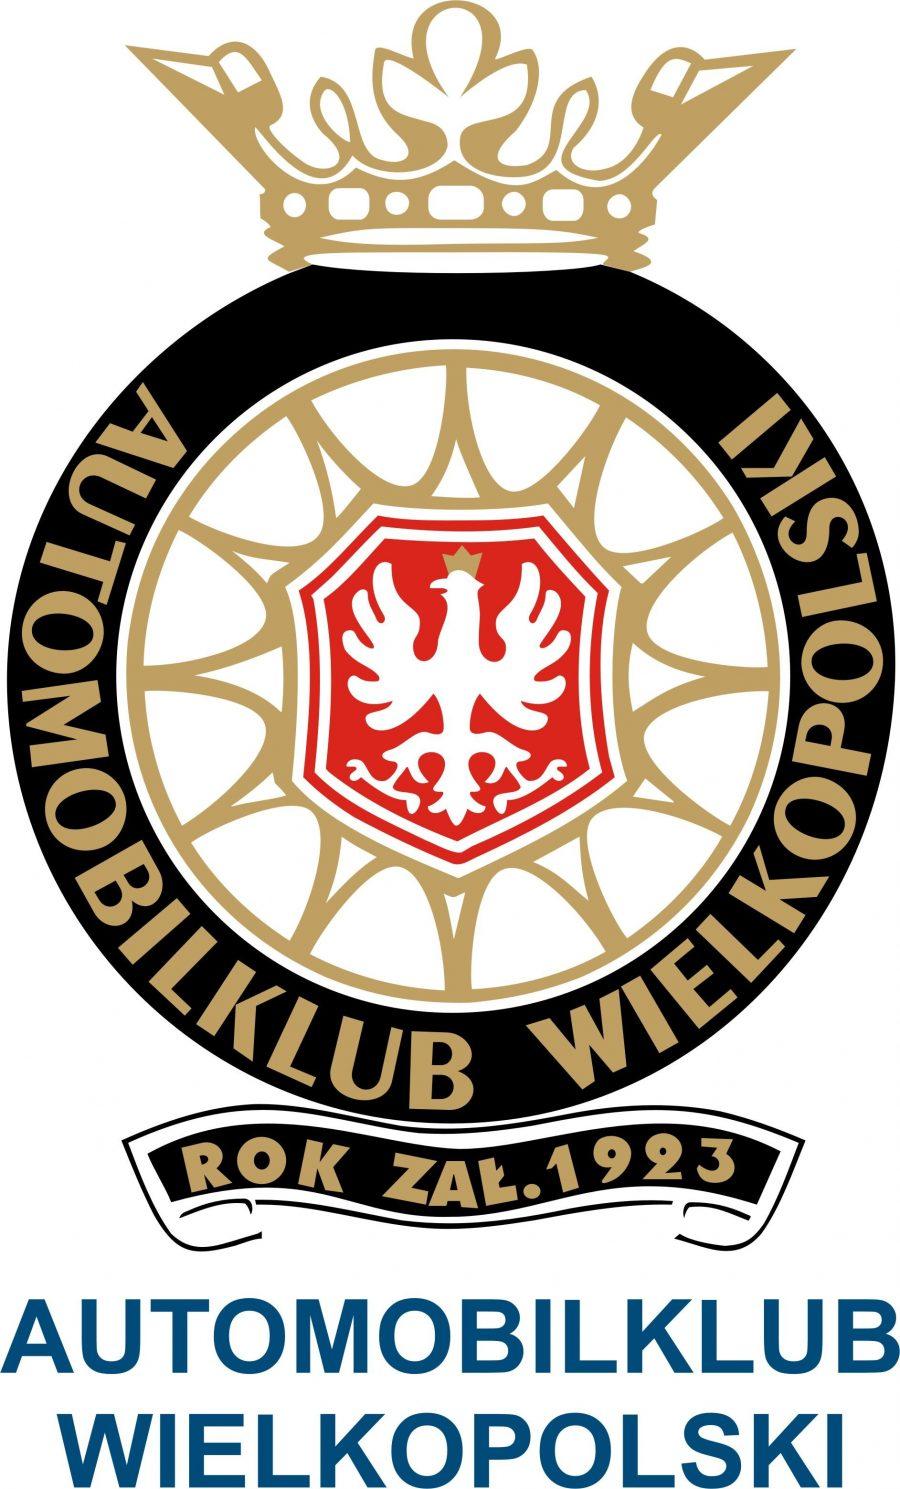 Wertung nach Poznań II 2019